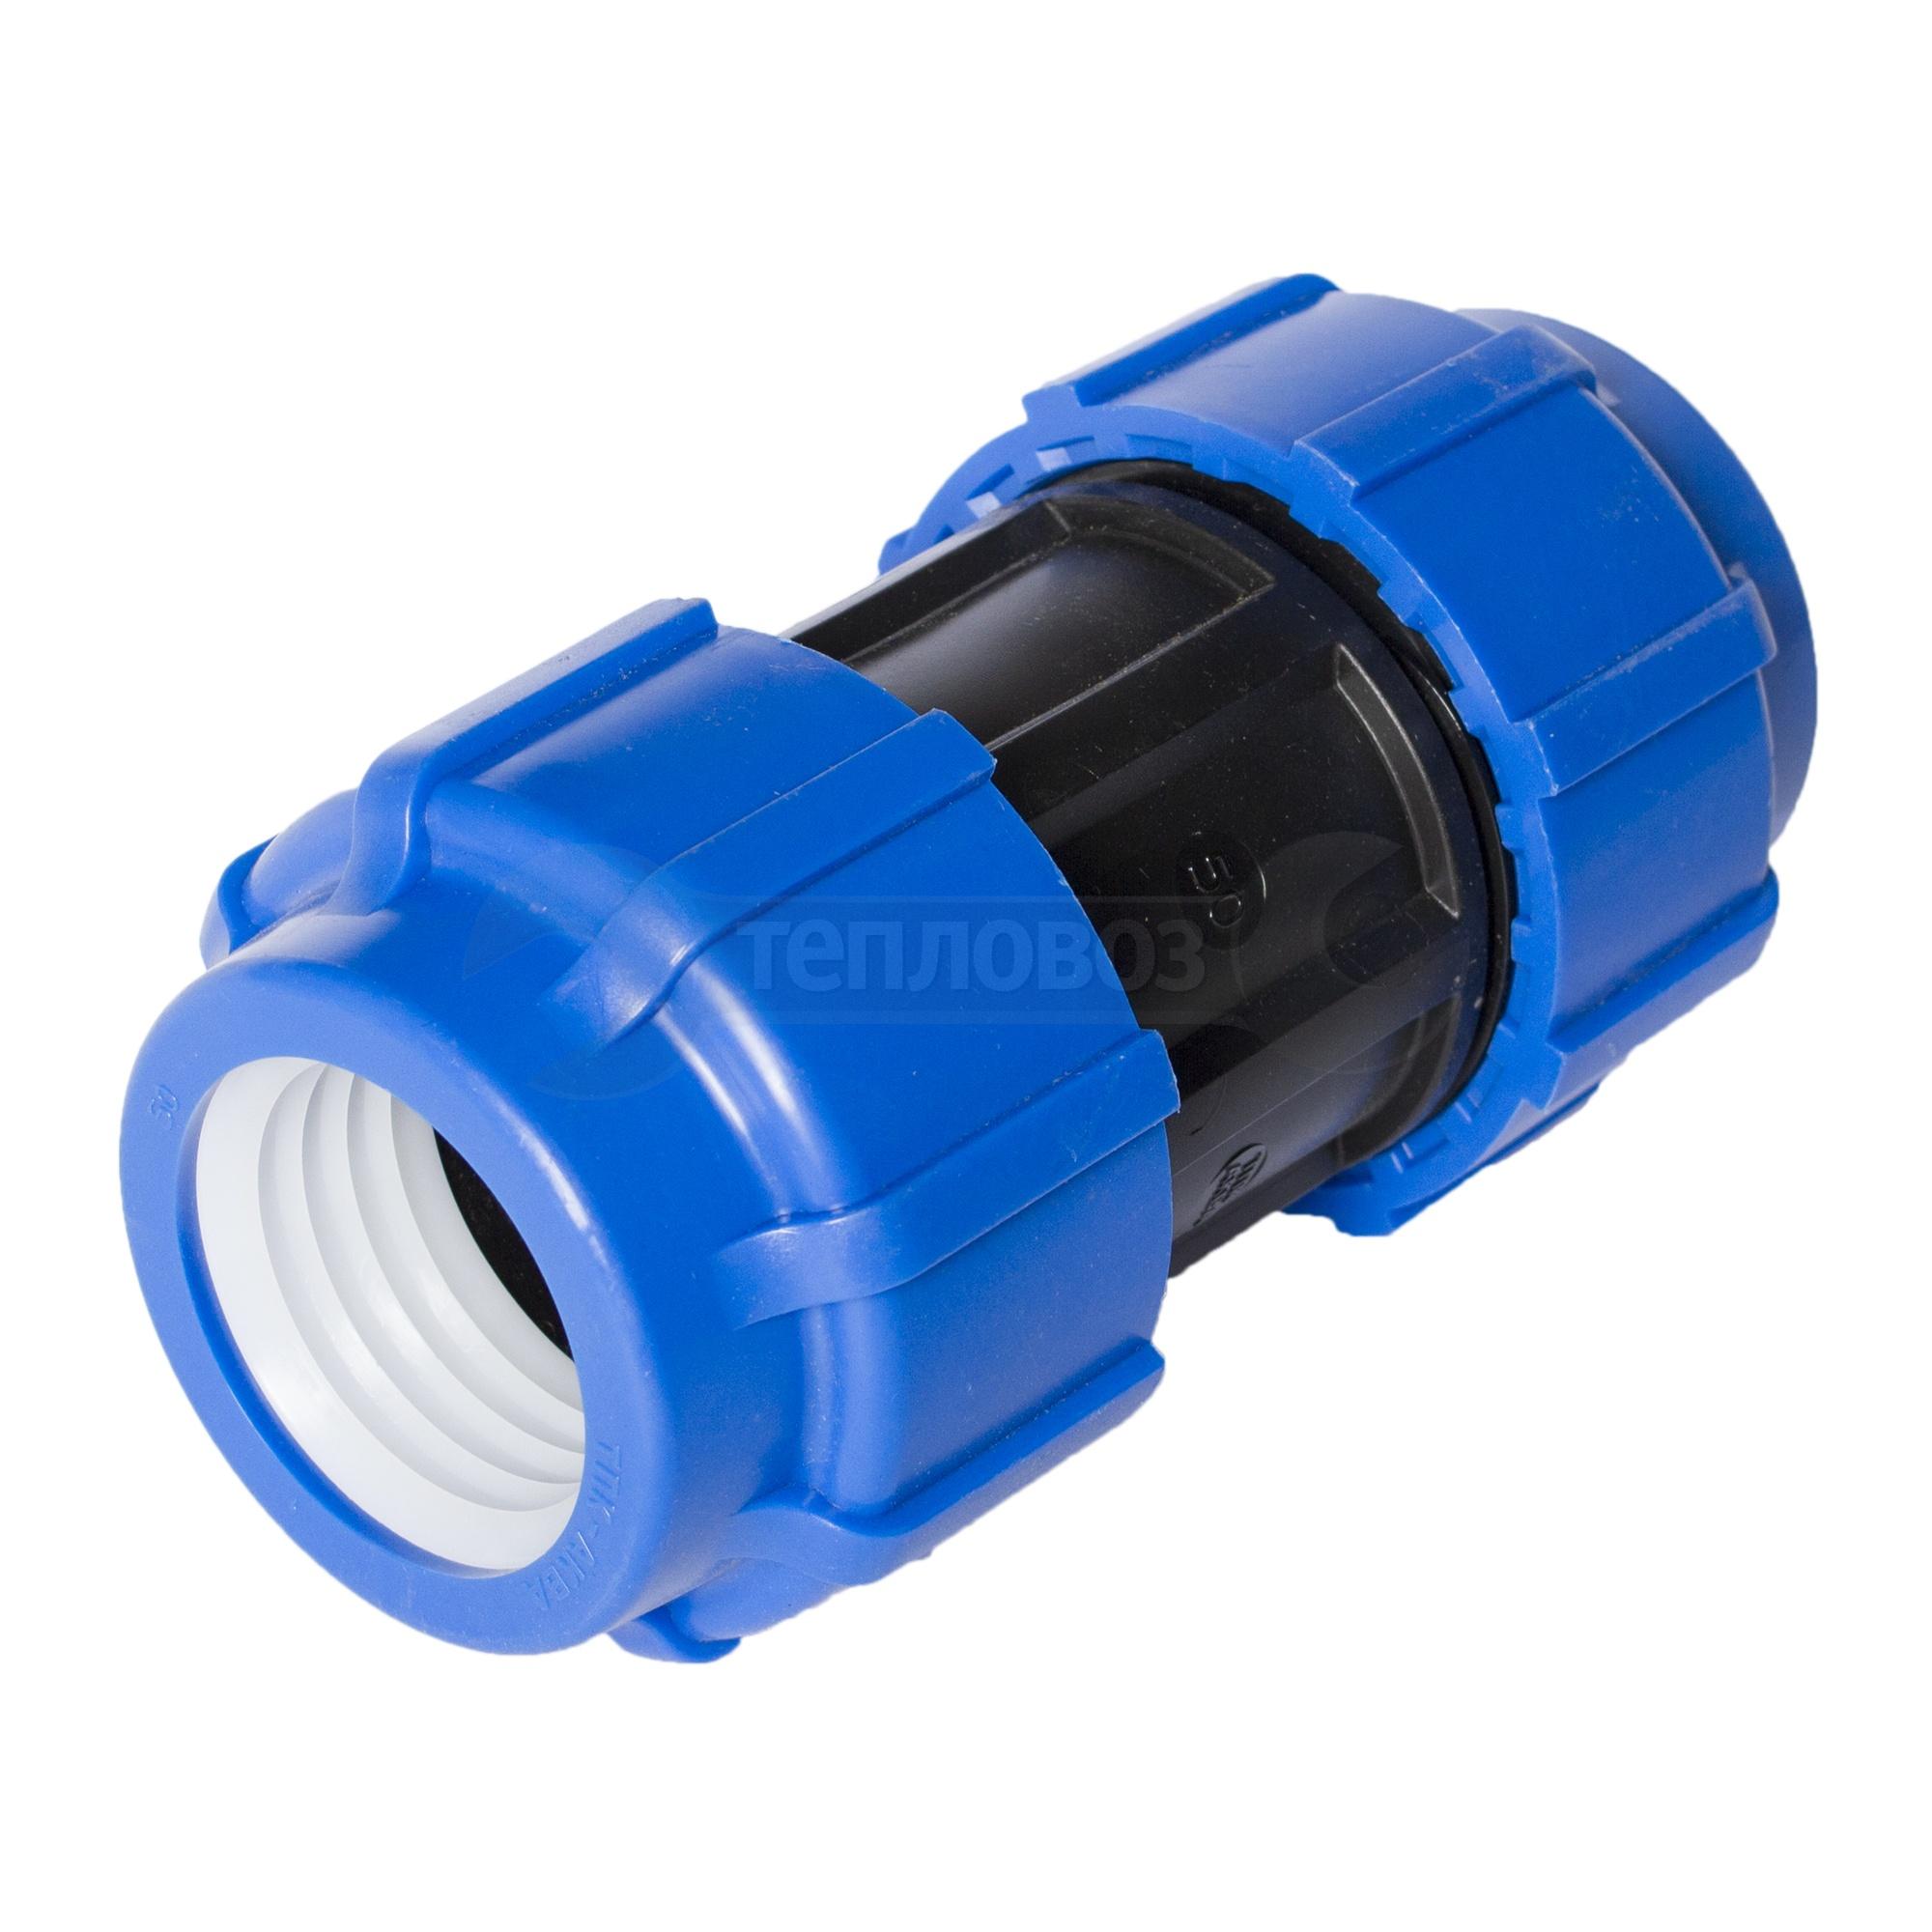 Купить ТПК-Аква, 50 мм в интернет-магазине Дождь